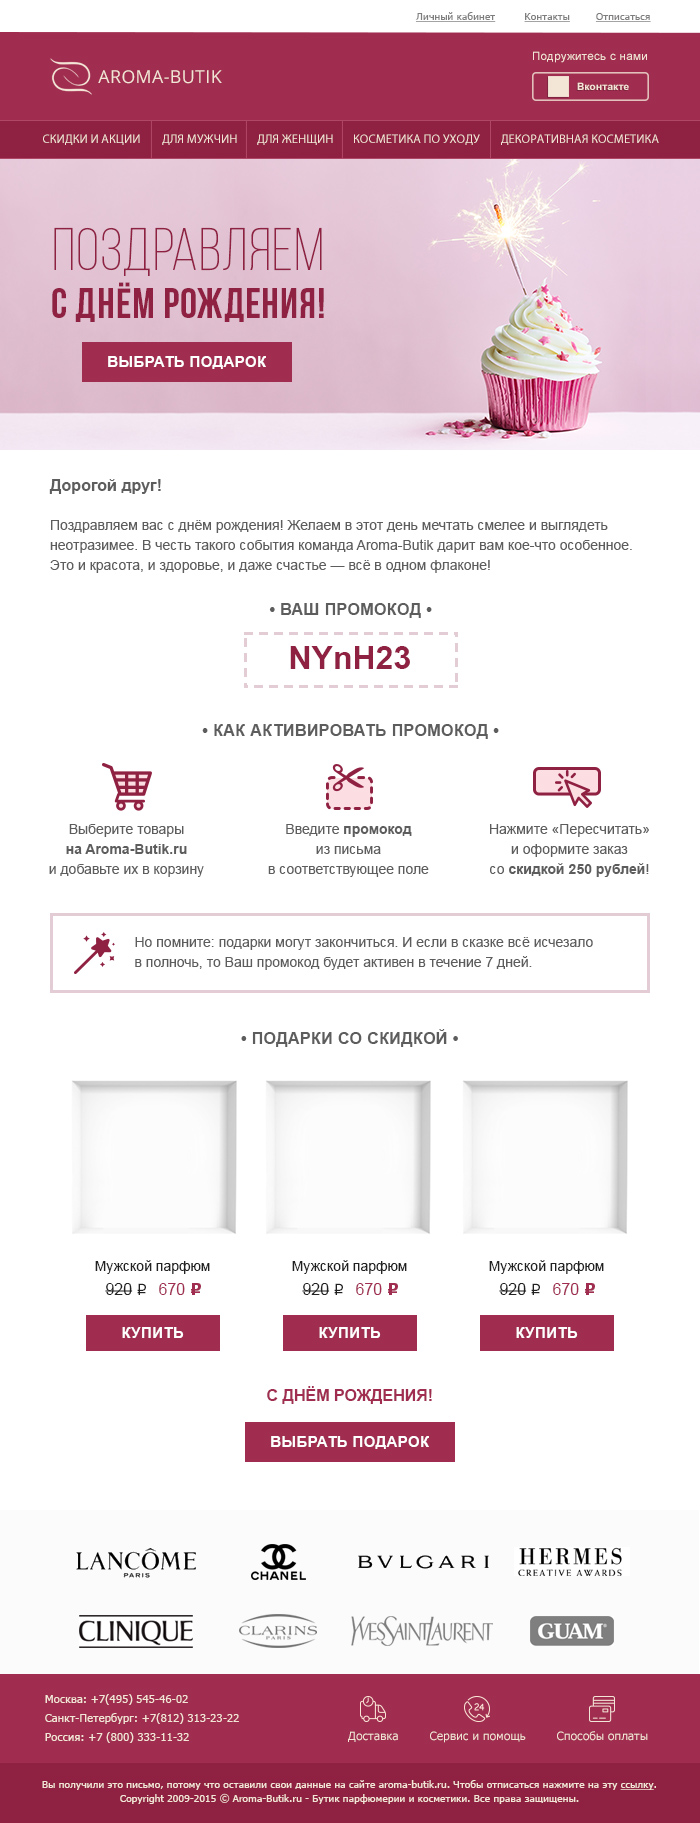 Пример автоматической рассылки триггерного письма компании «Аромабутик»